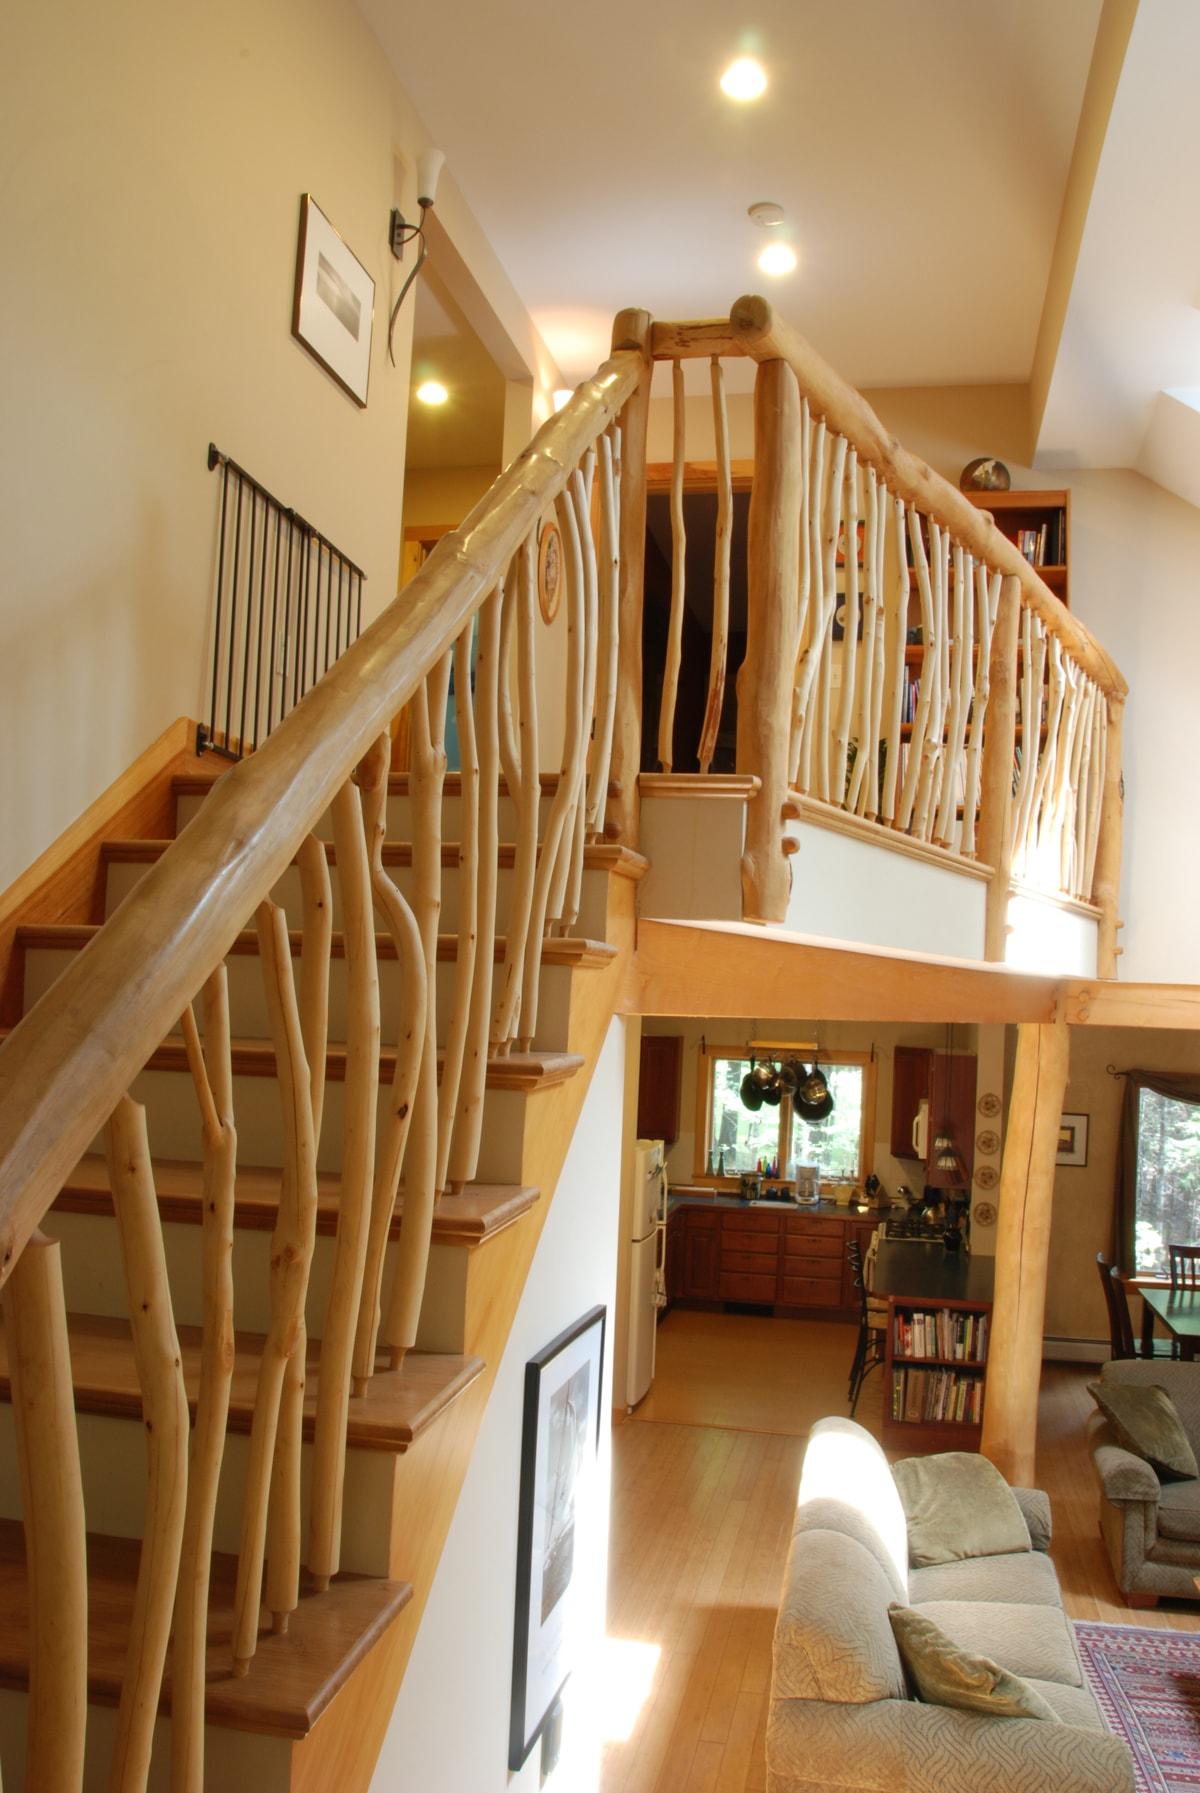 Local artisan, custom made, maple banister.